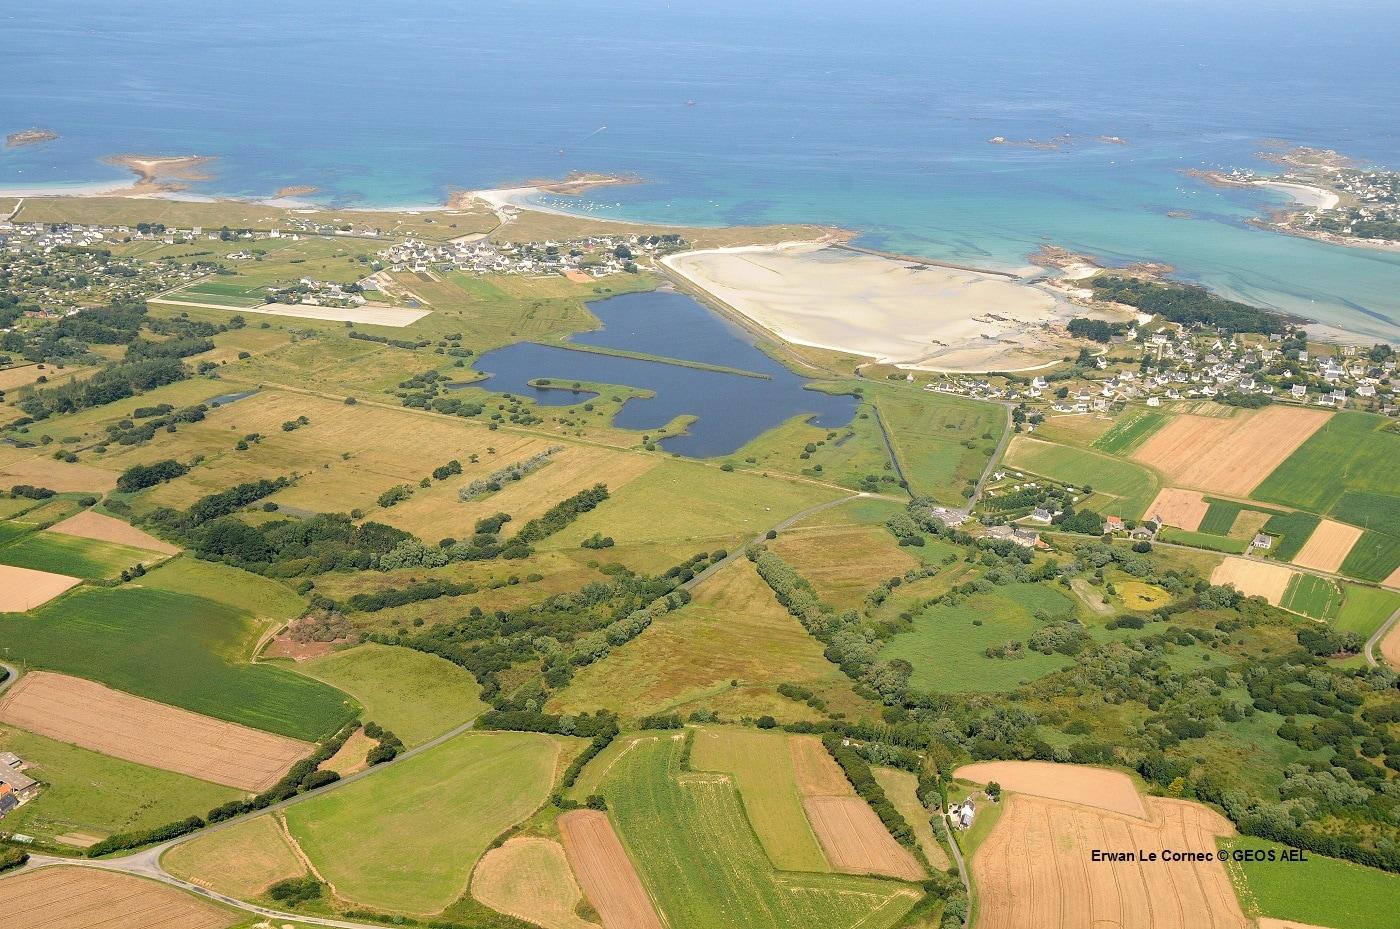 agriculture et habitations en zone littoral à risque à Guisseny en bretagne